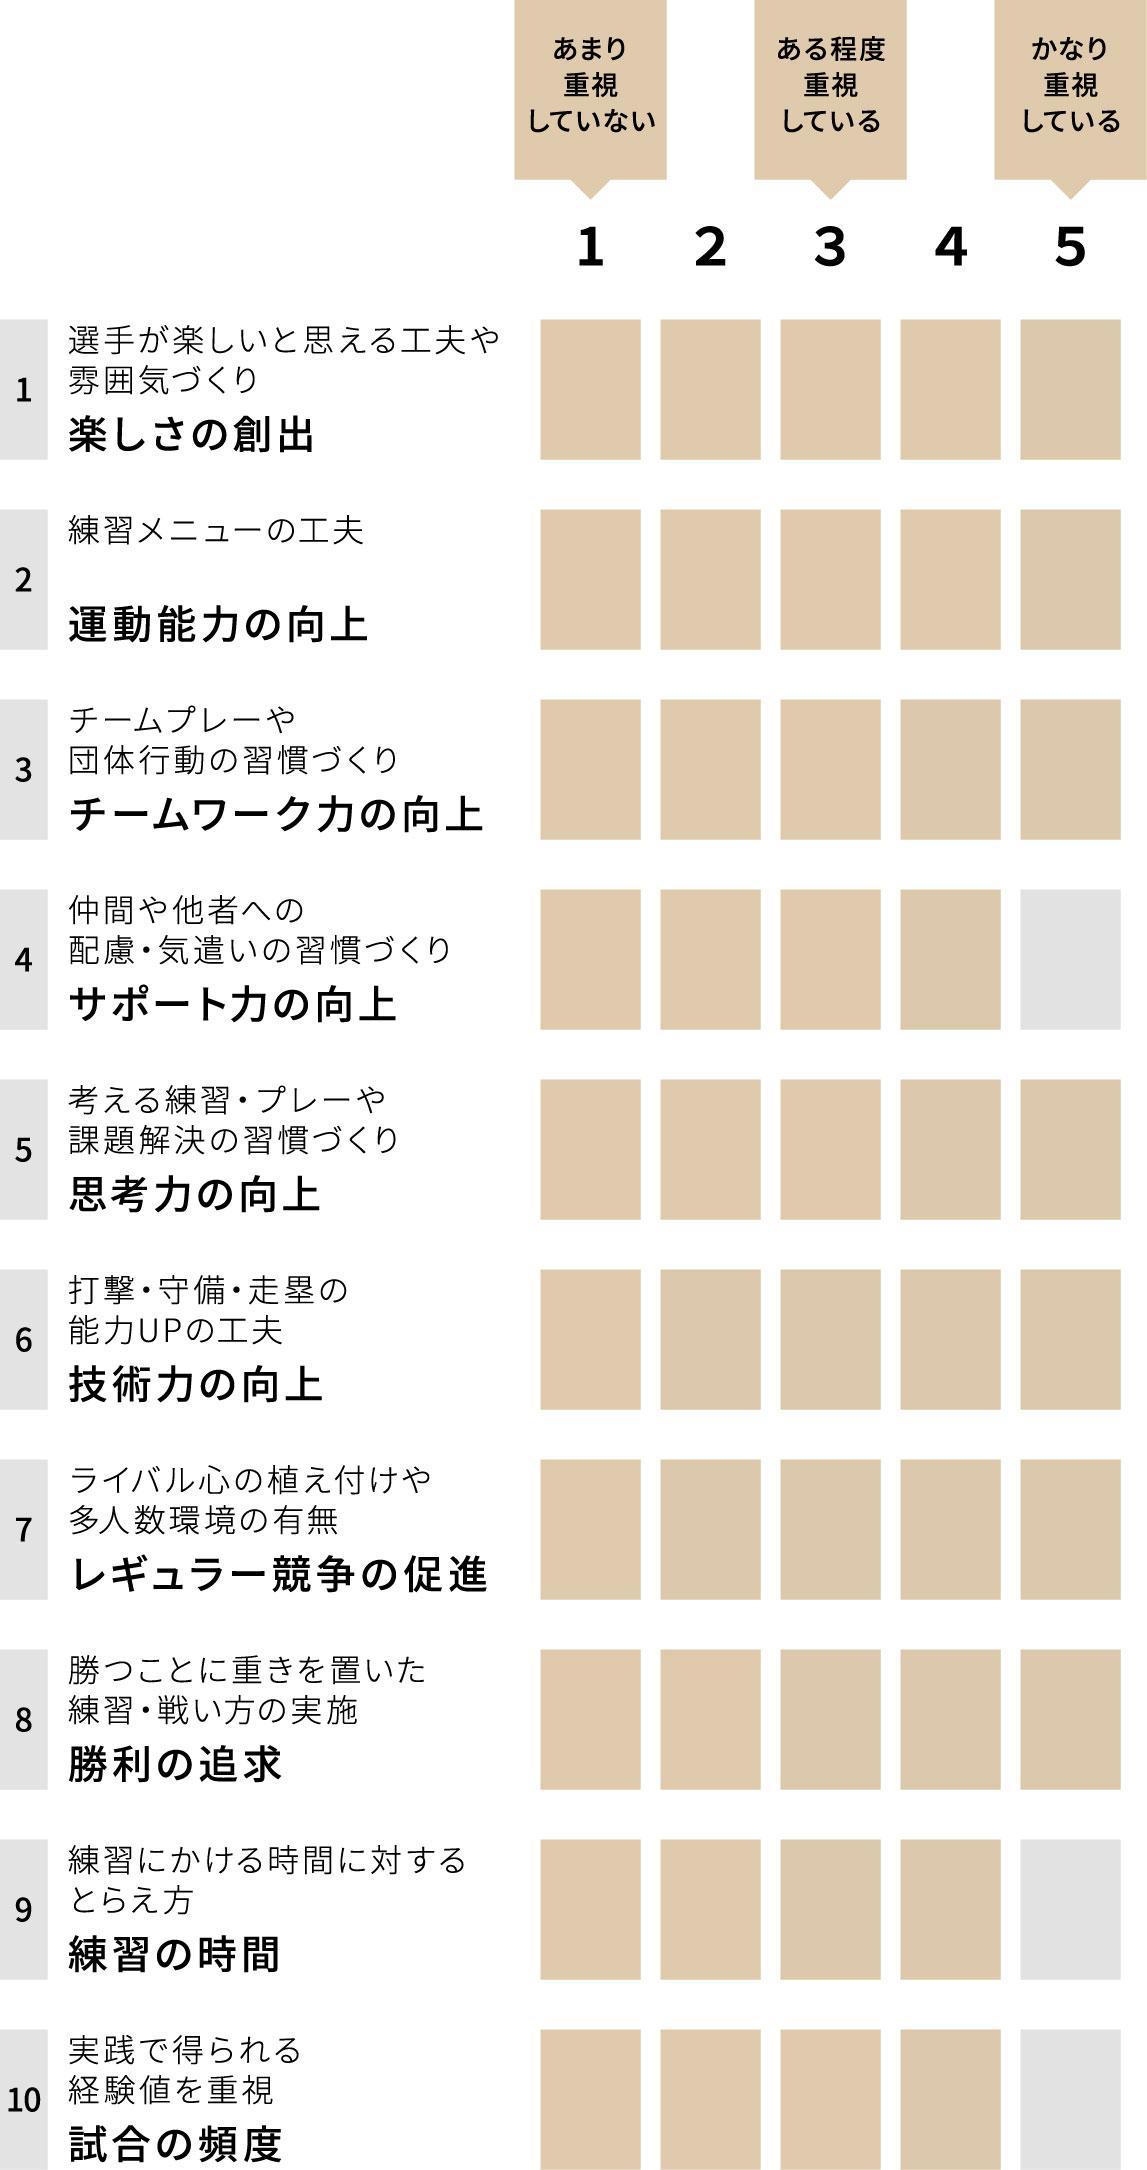 札幌新陽高等学校 女子硬式野球部 チーム重視グラフ